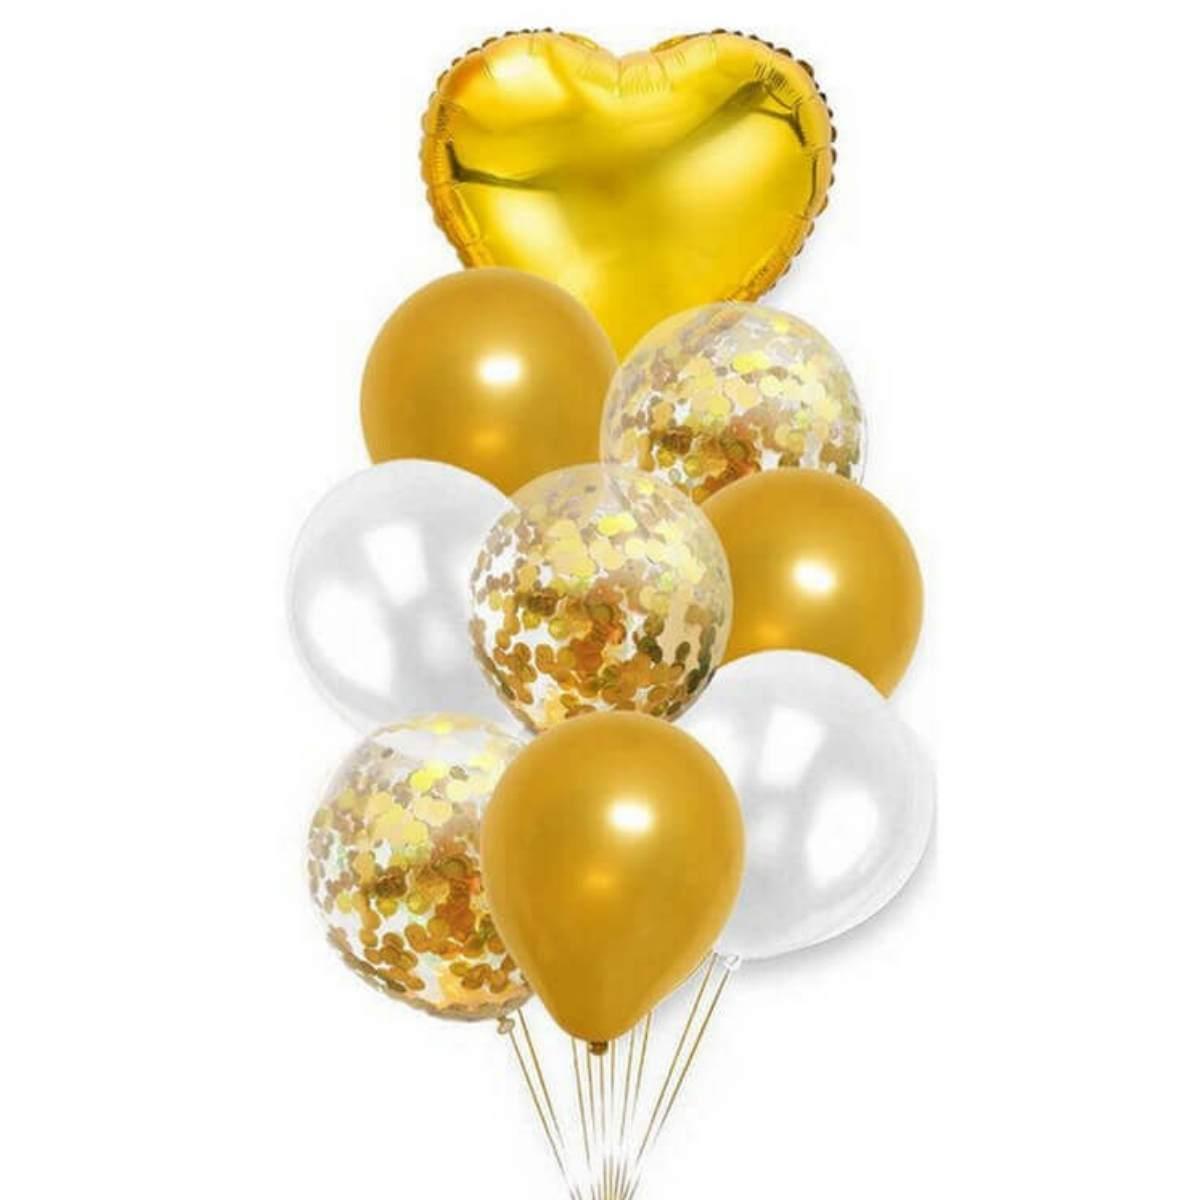 Kit Buquê de Balões Dourados c/ 9 peças